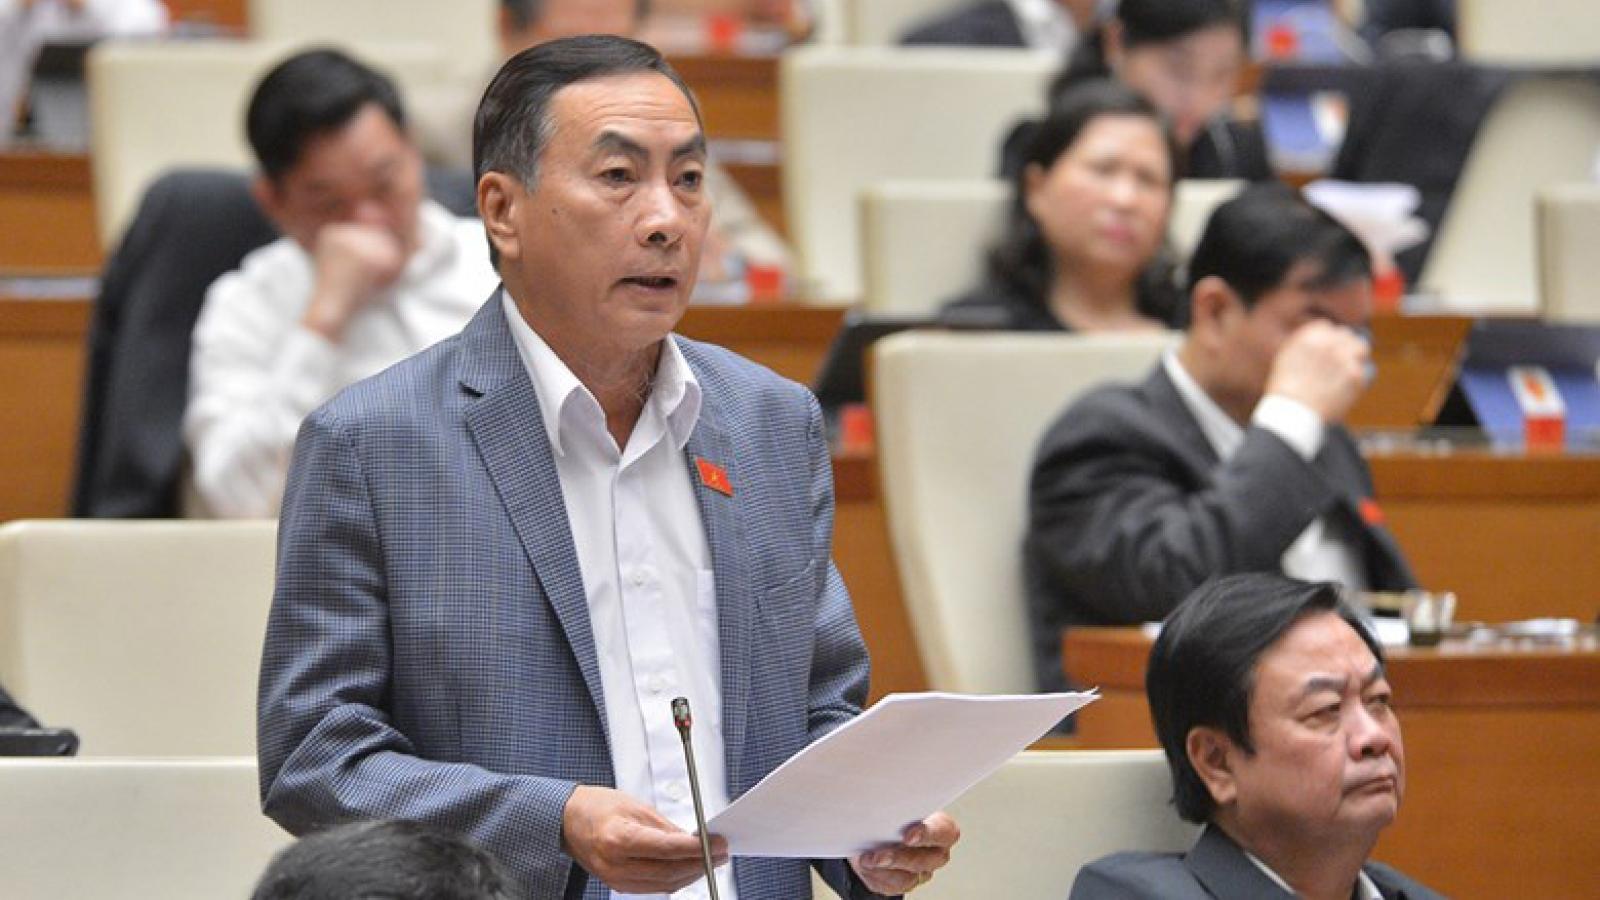 Ấn tượng Kỳ họp Quốc hội gần cuối nhiệm kỳ